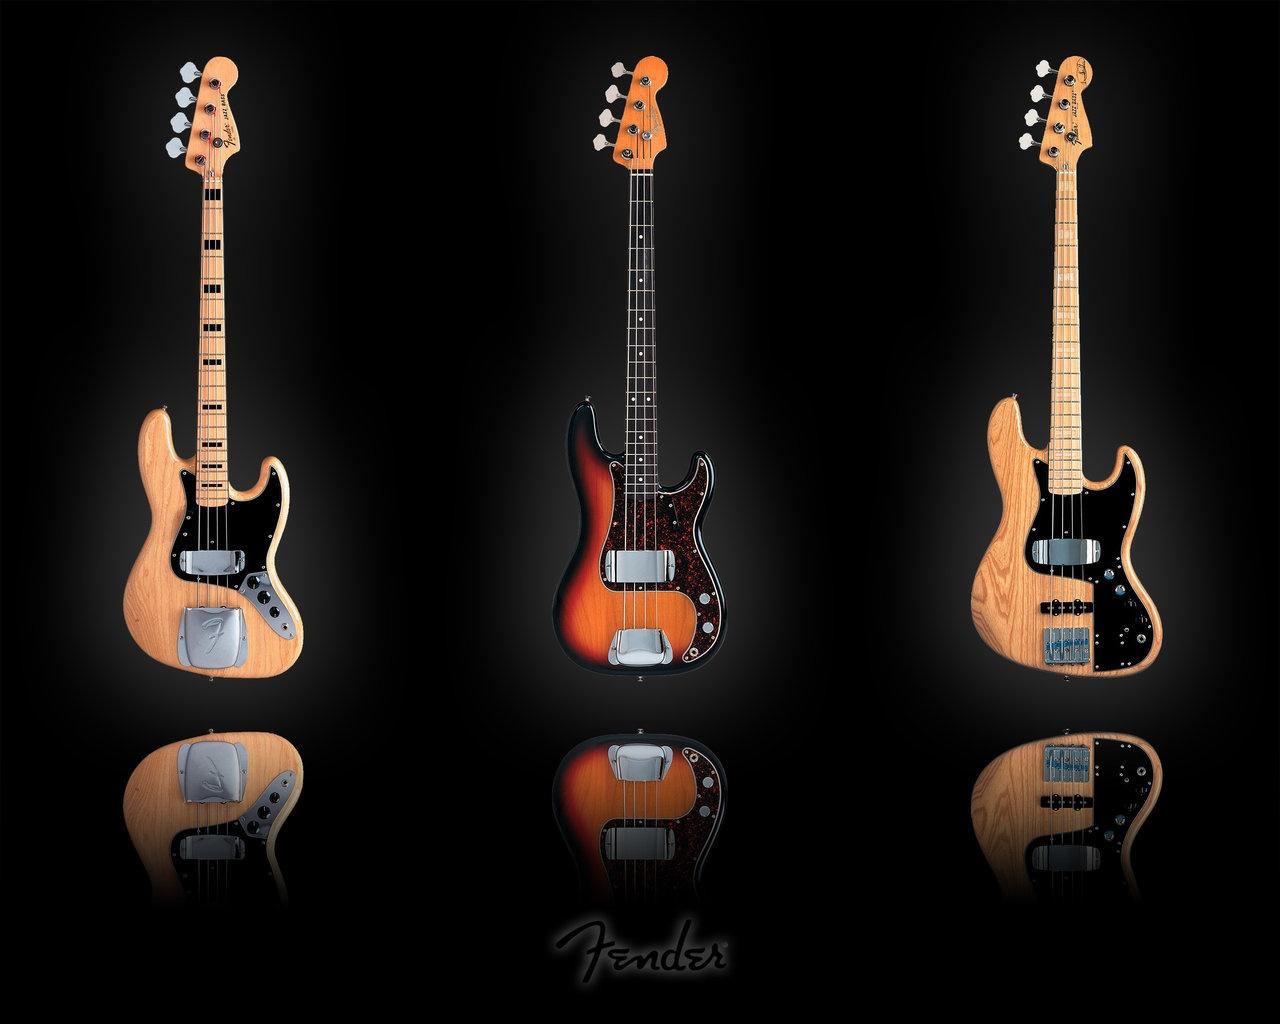 Bass Guitar Wallpaper Hd